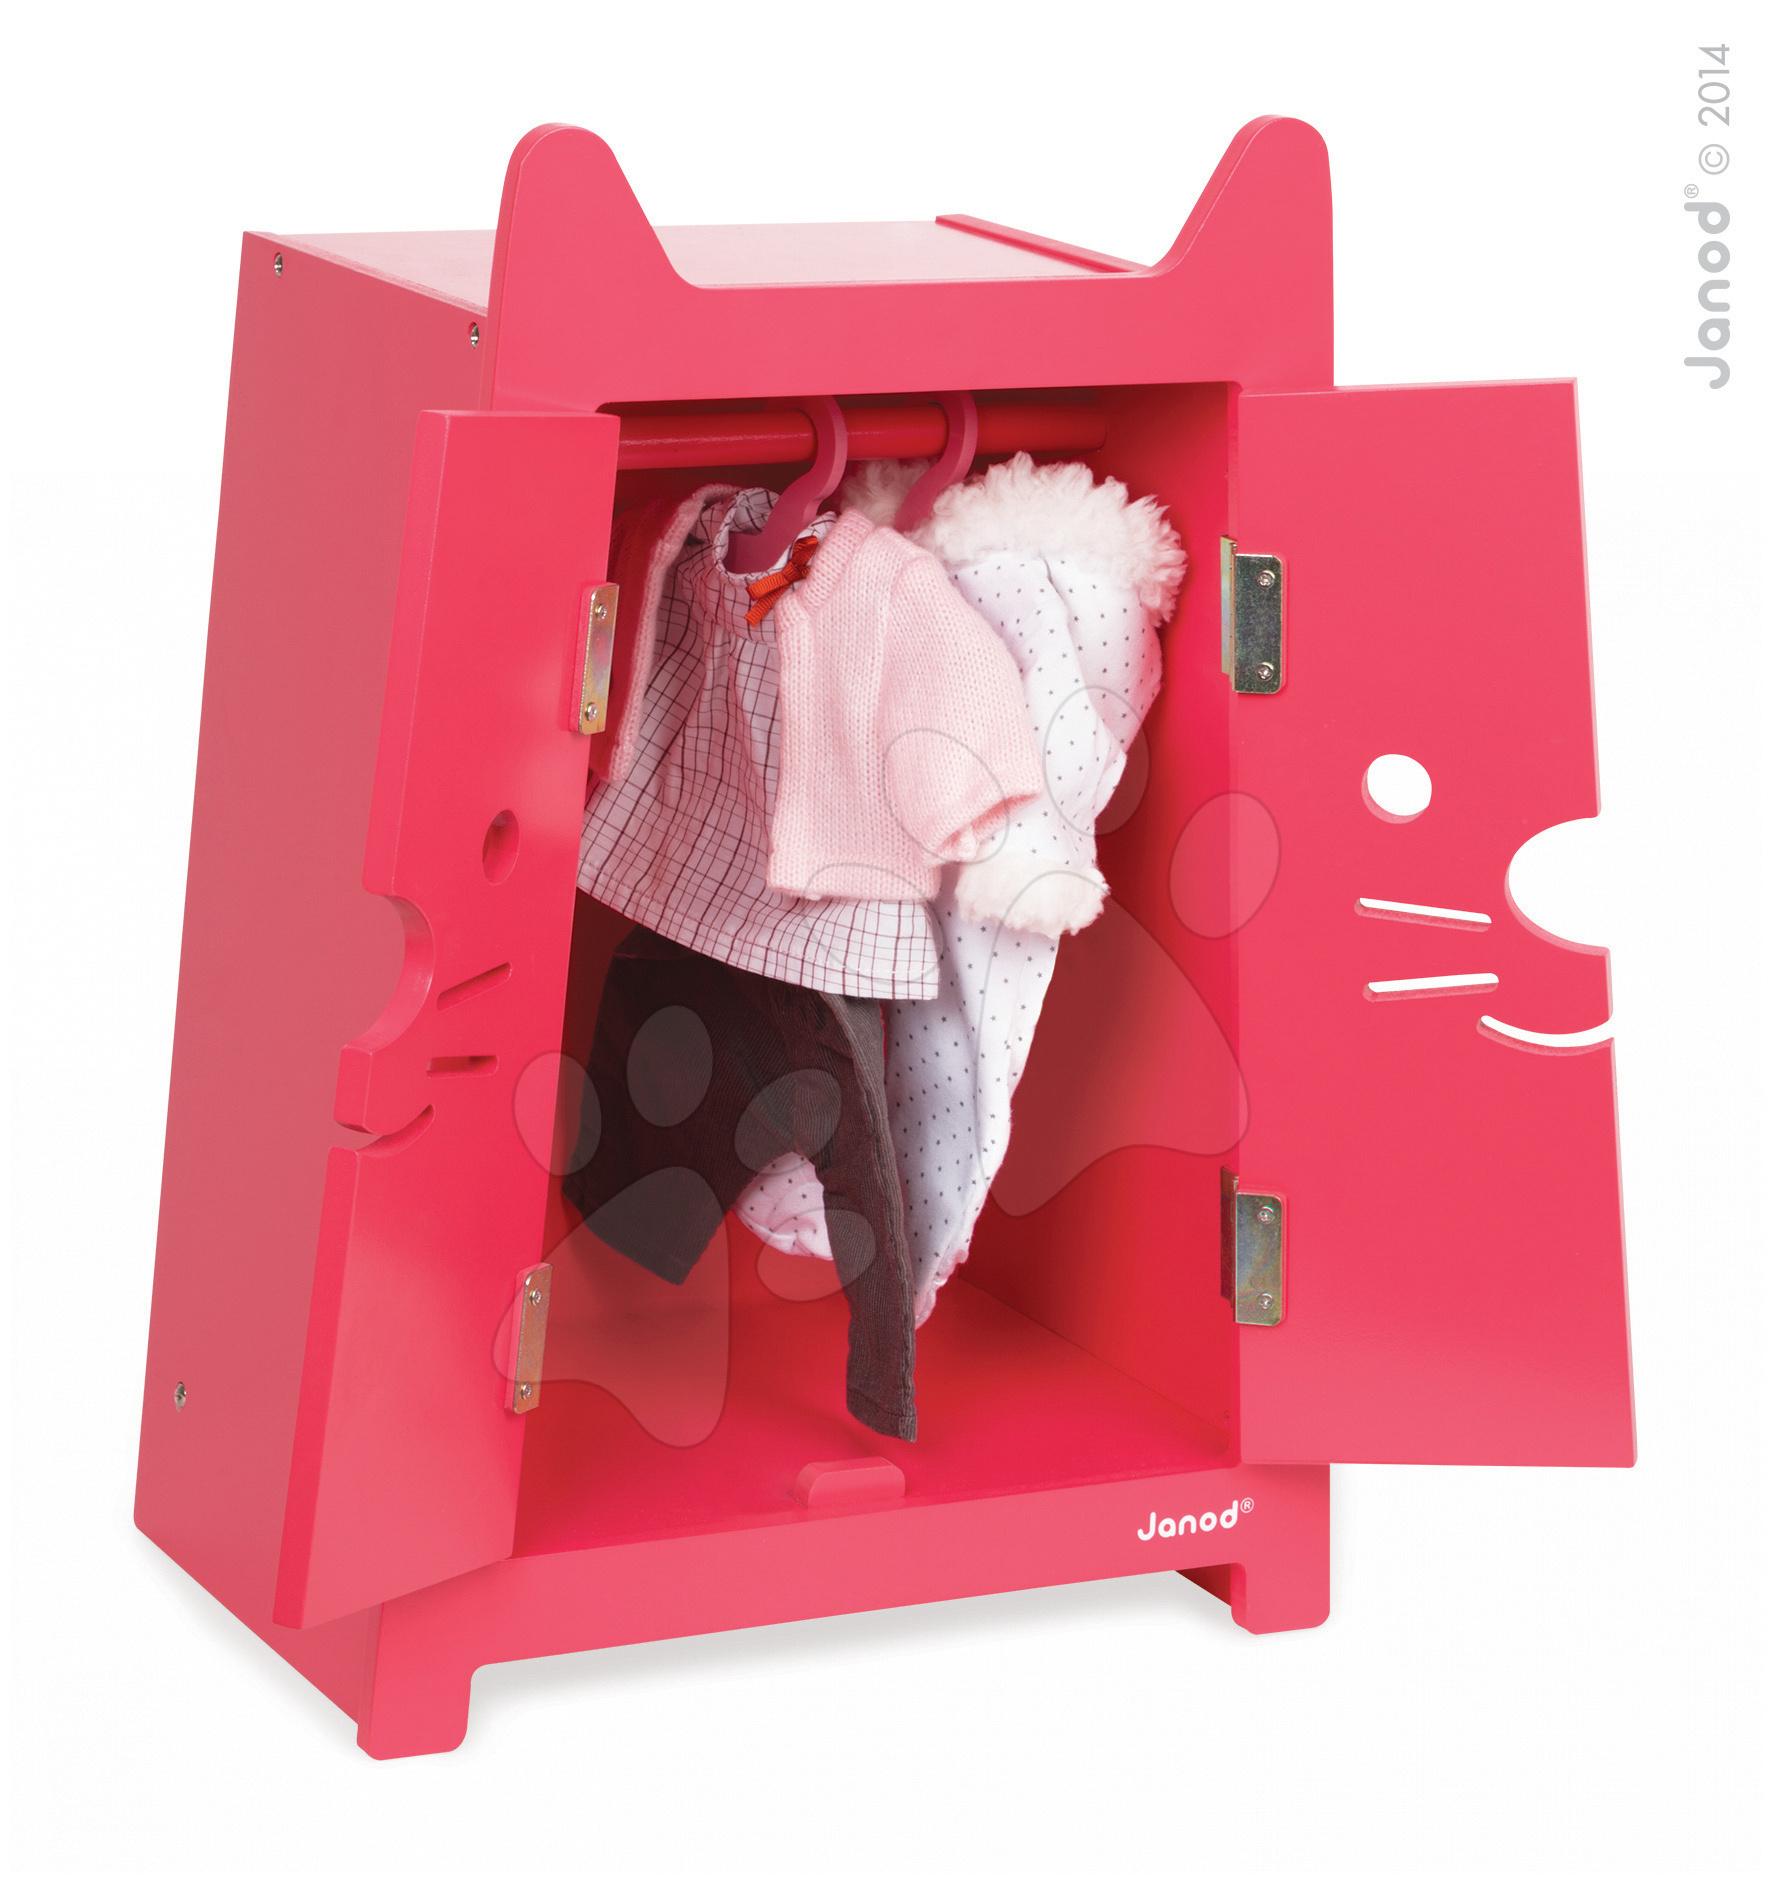 Domčeky pre bábiky - Drevená skrinka pre bábiku Babycat Janod dvojkrídlová s vešiakmi